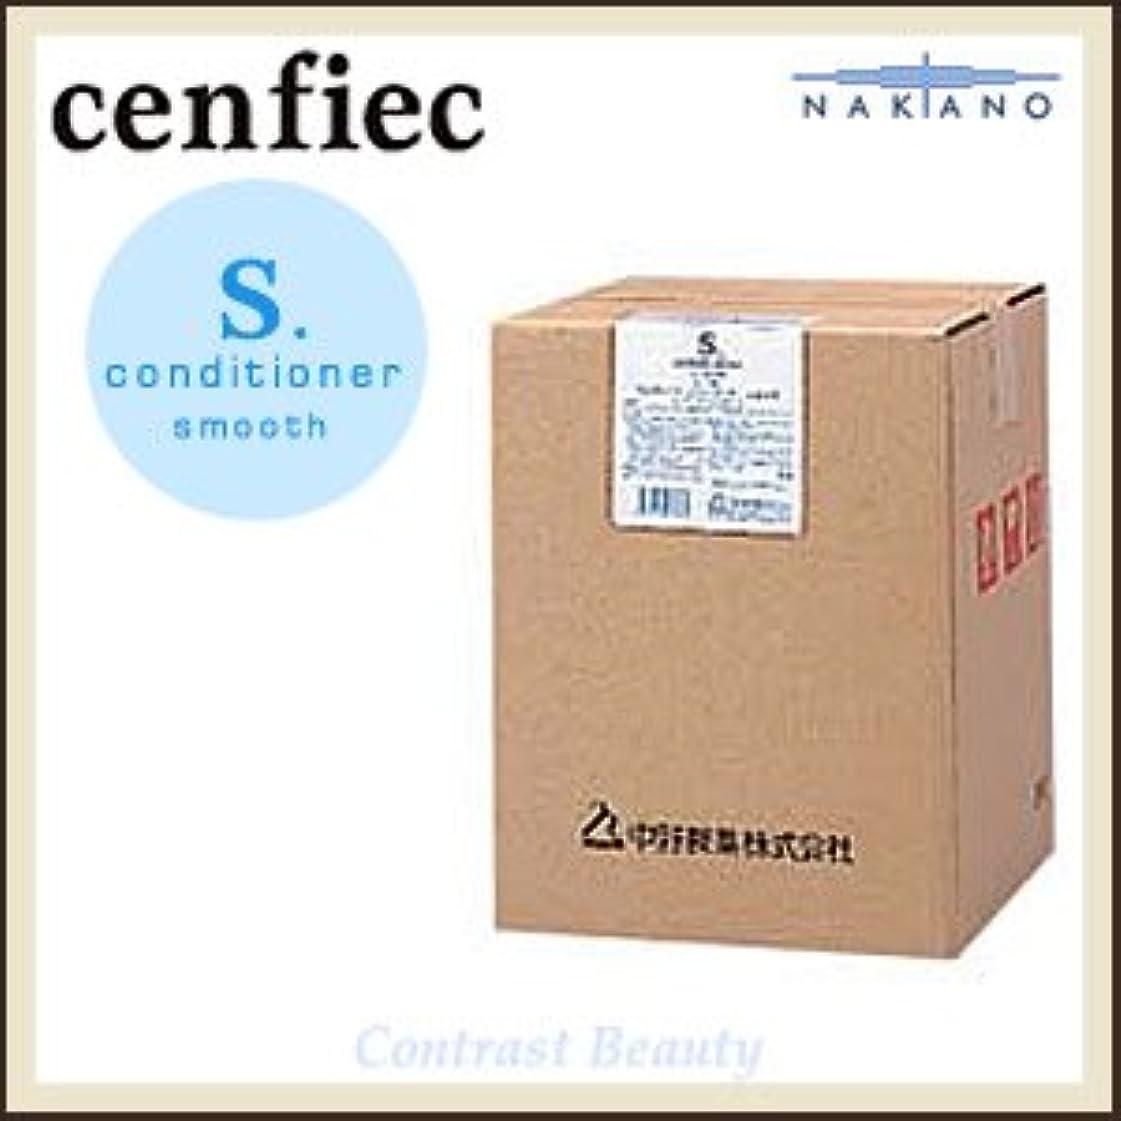 遺産机オプションナカノ センフィーク コンディショナー スムース 10L